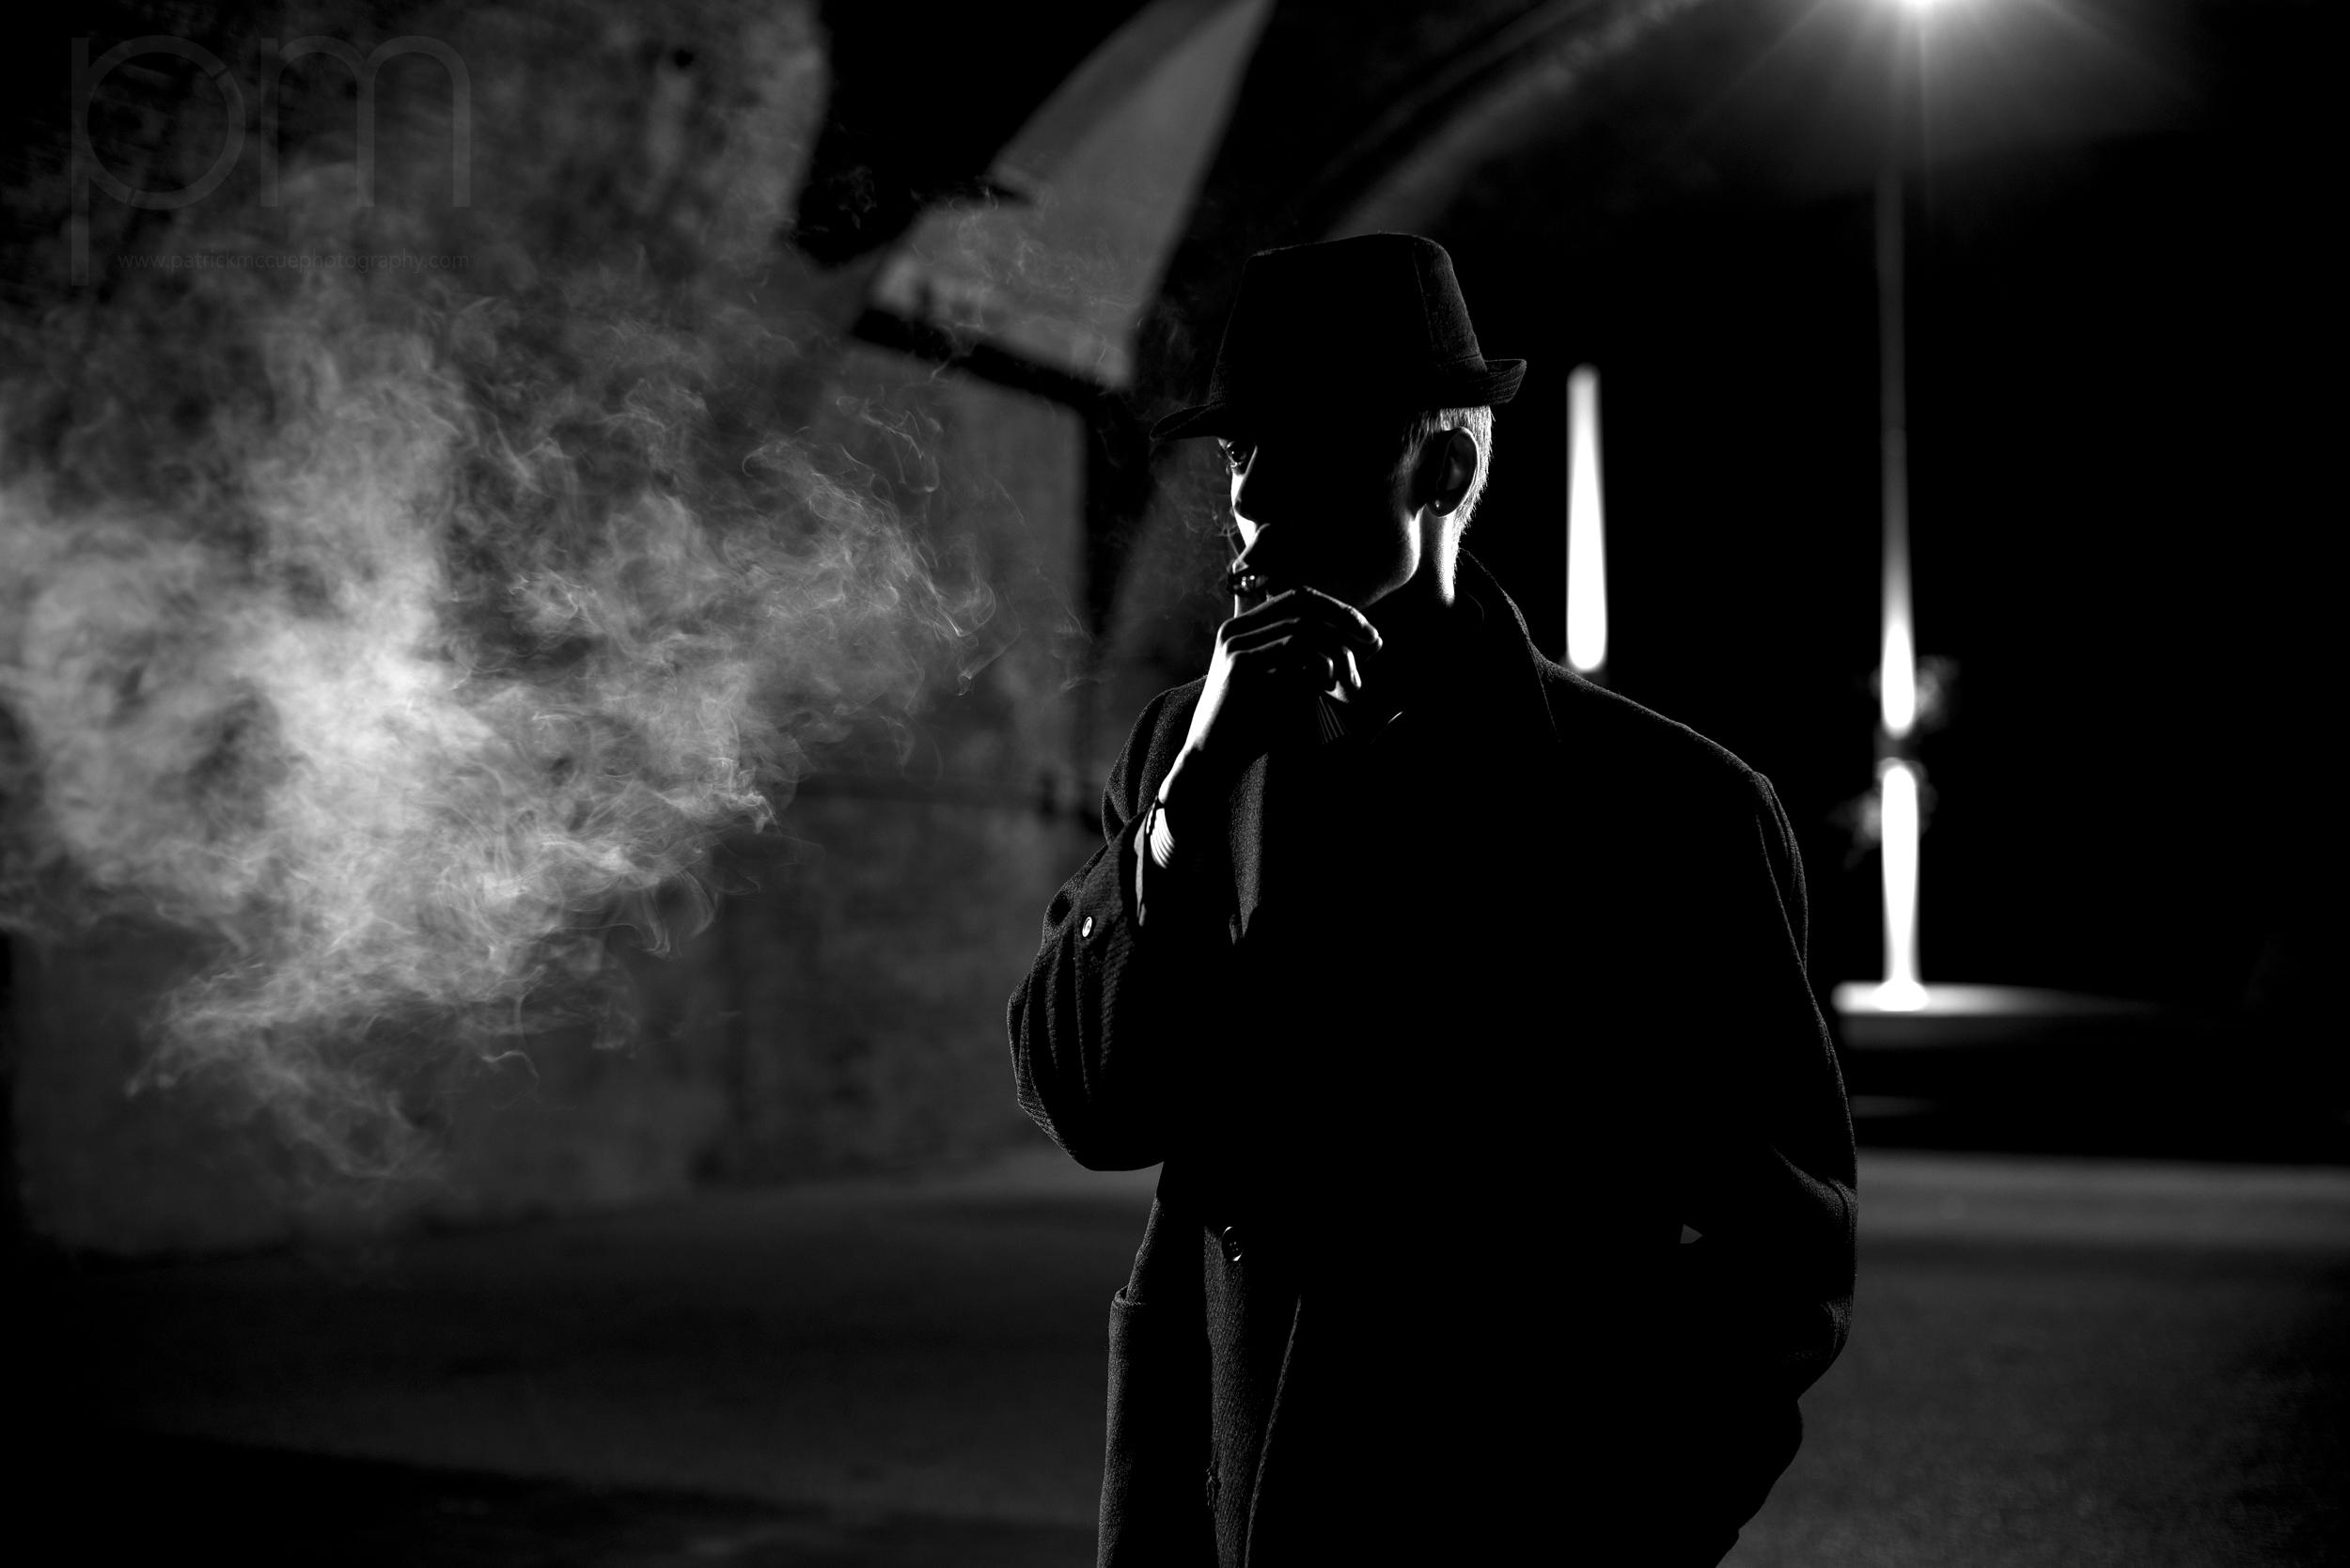 Film Noir Inspired